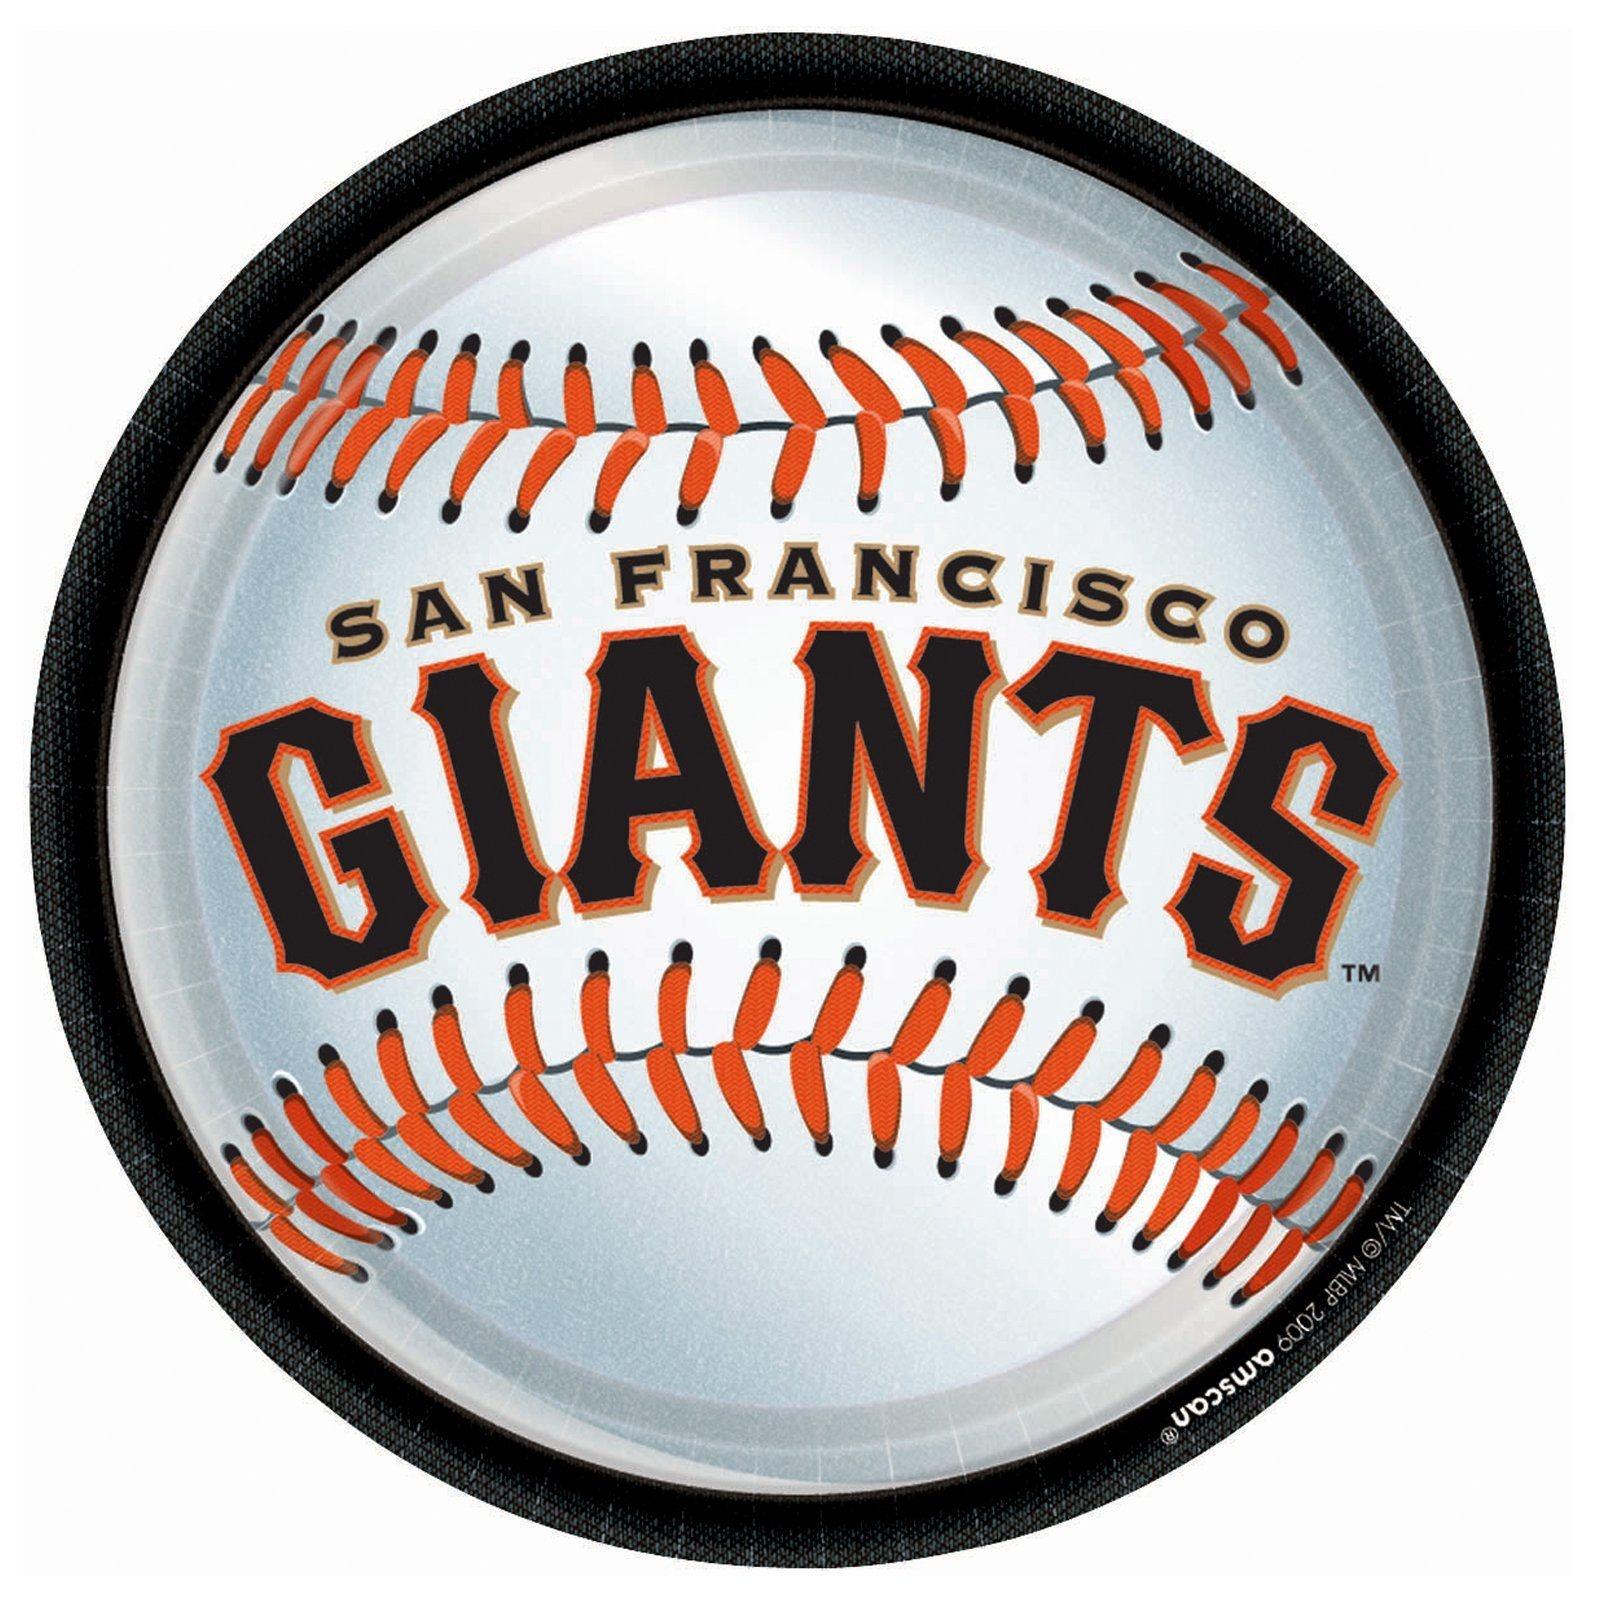 Sf Giants Logos Printable   Giants Baseball Logo   Crafts   San - Free Printable Baseball Logos